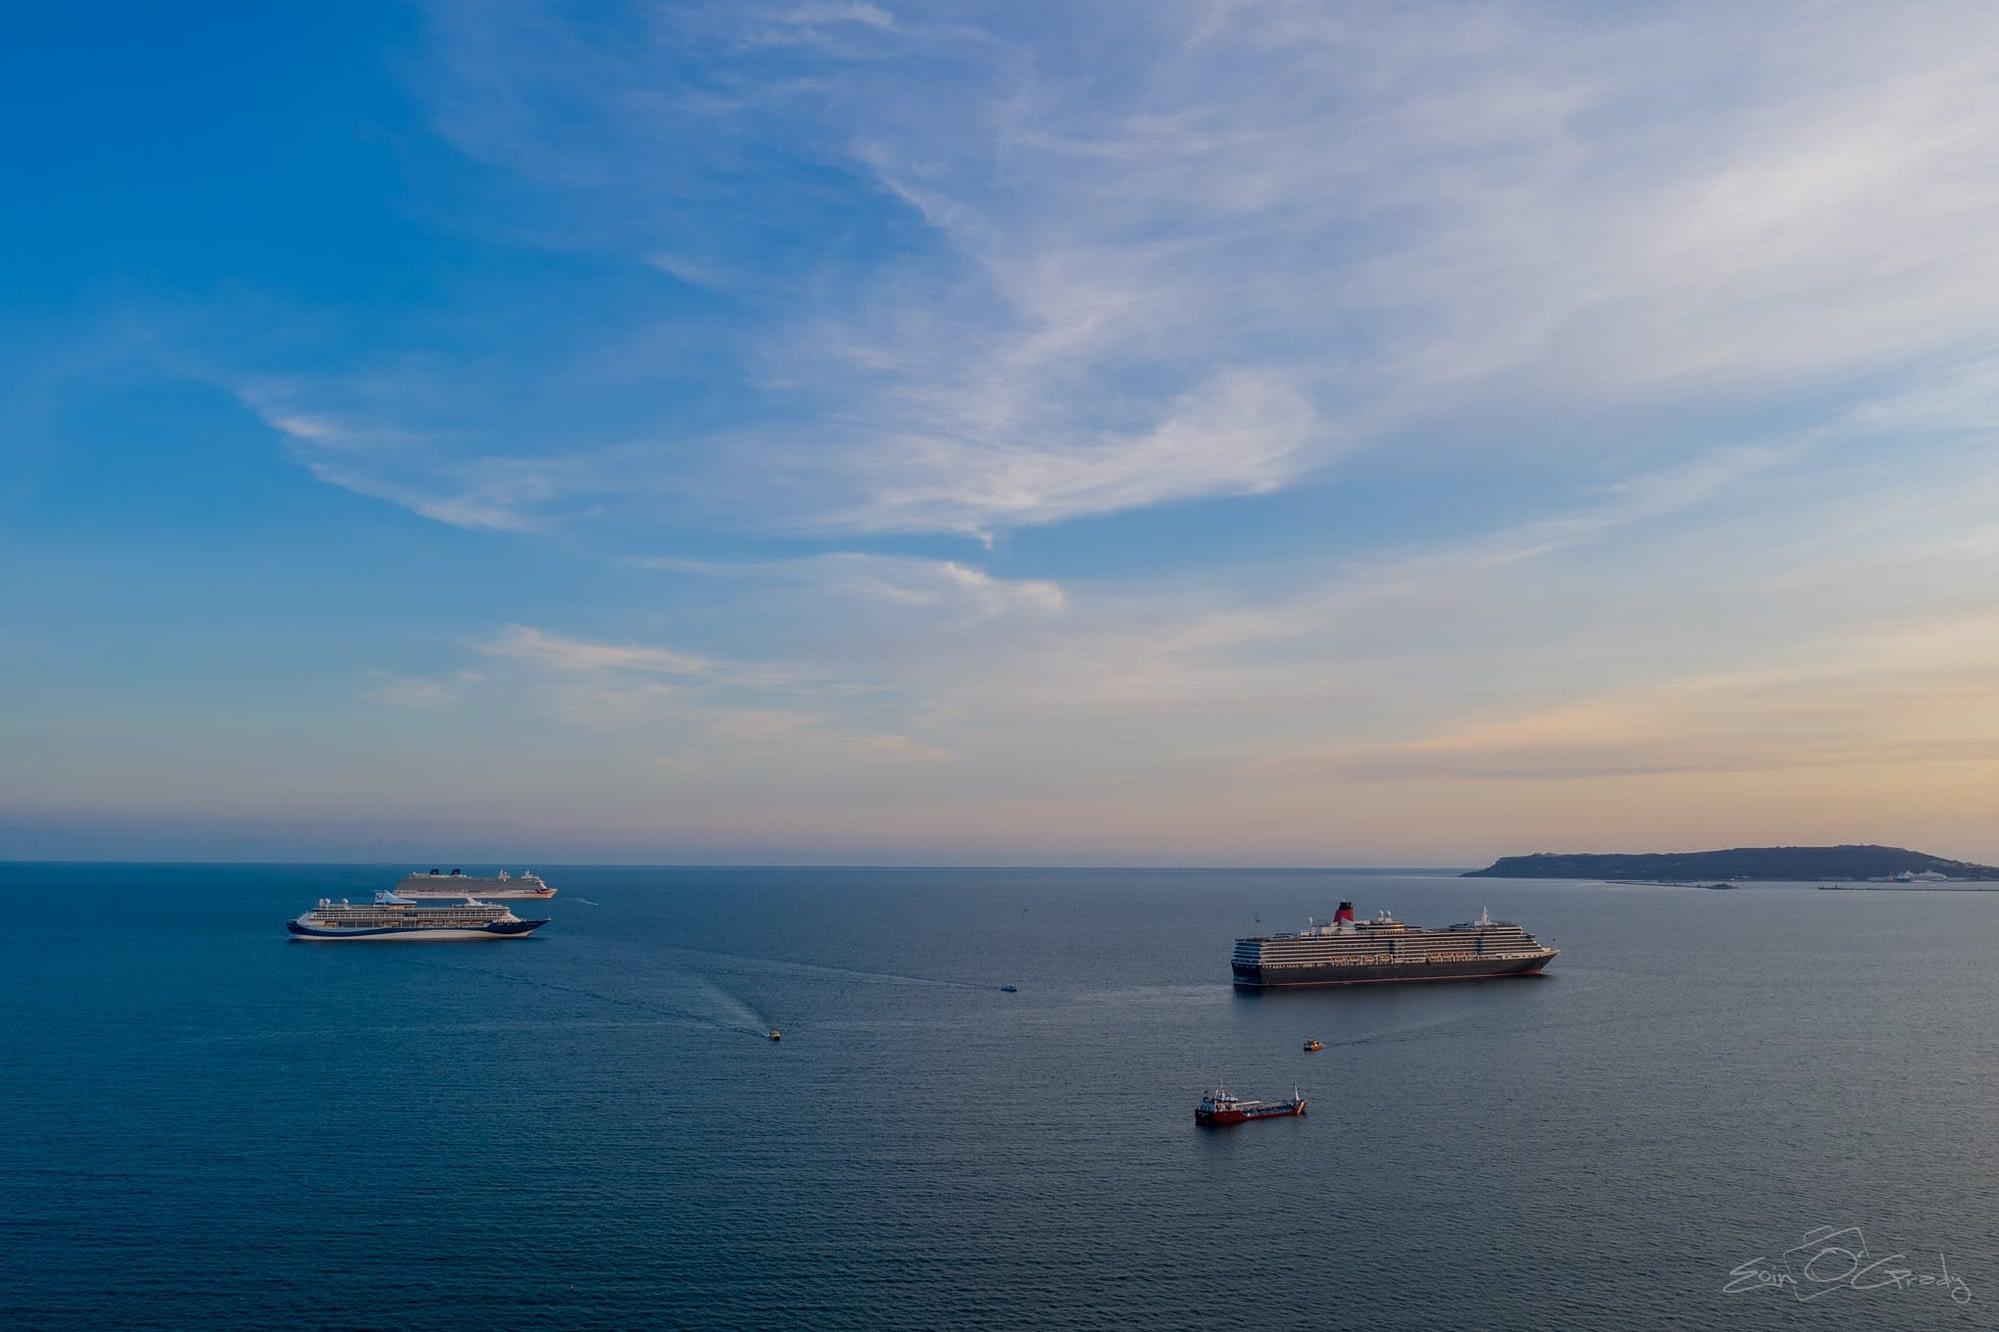 Cruise Ships in Weymouth Bay